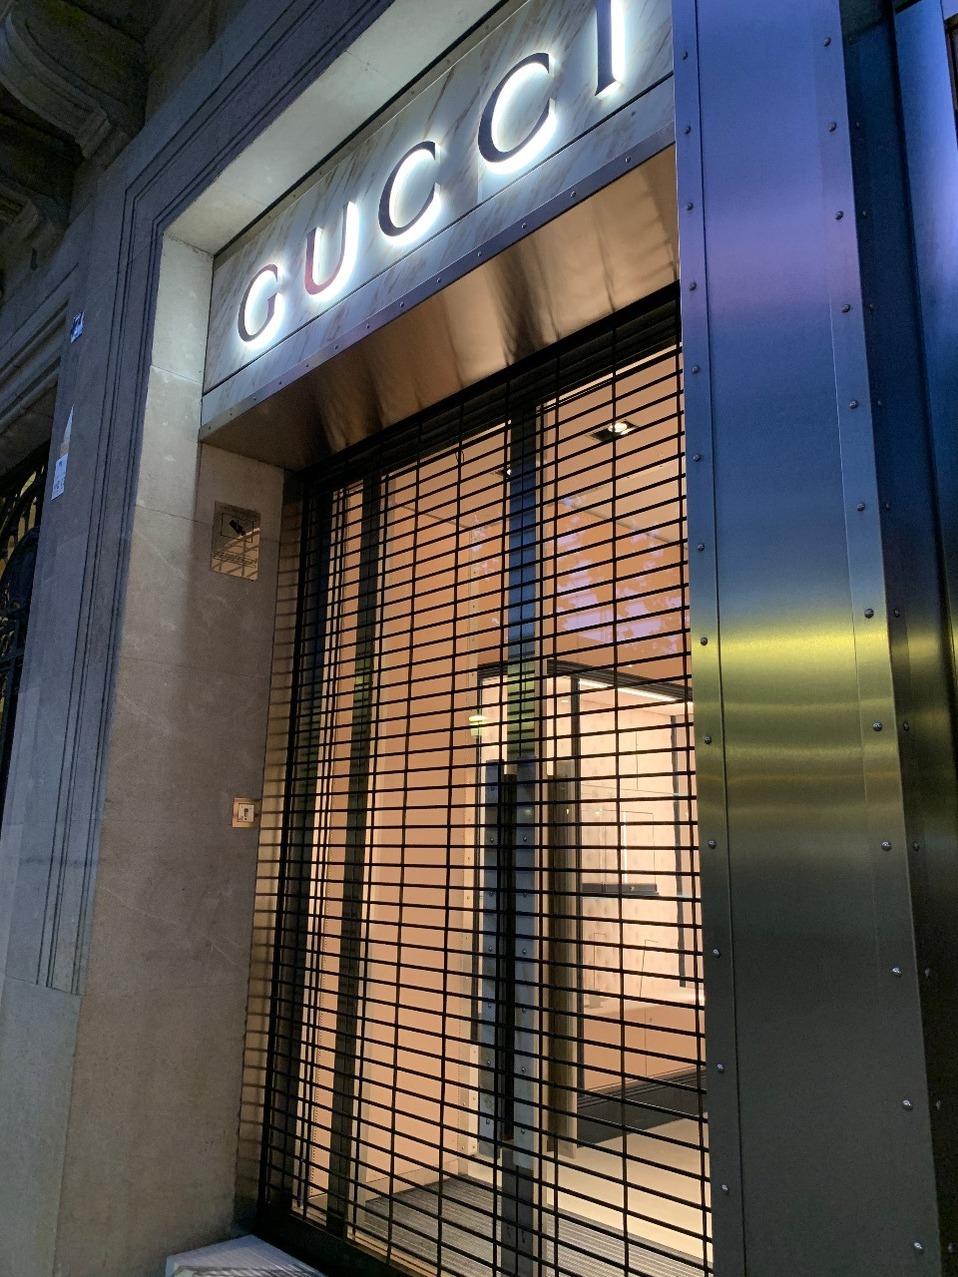 Las vitrinas de una tienda Gucci en Barcelona están desiertas. (Jennifer Seefoo)